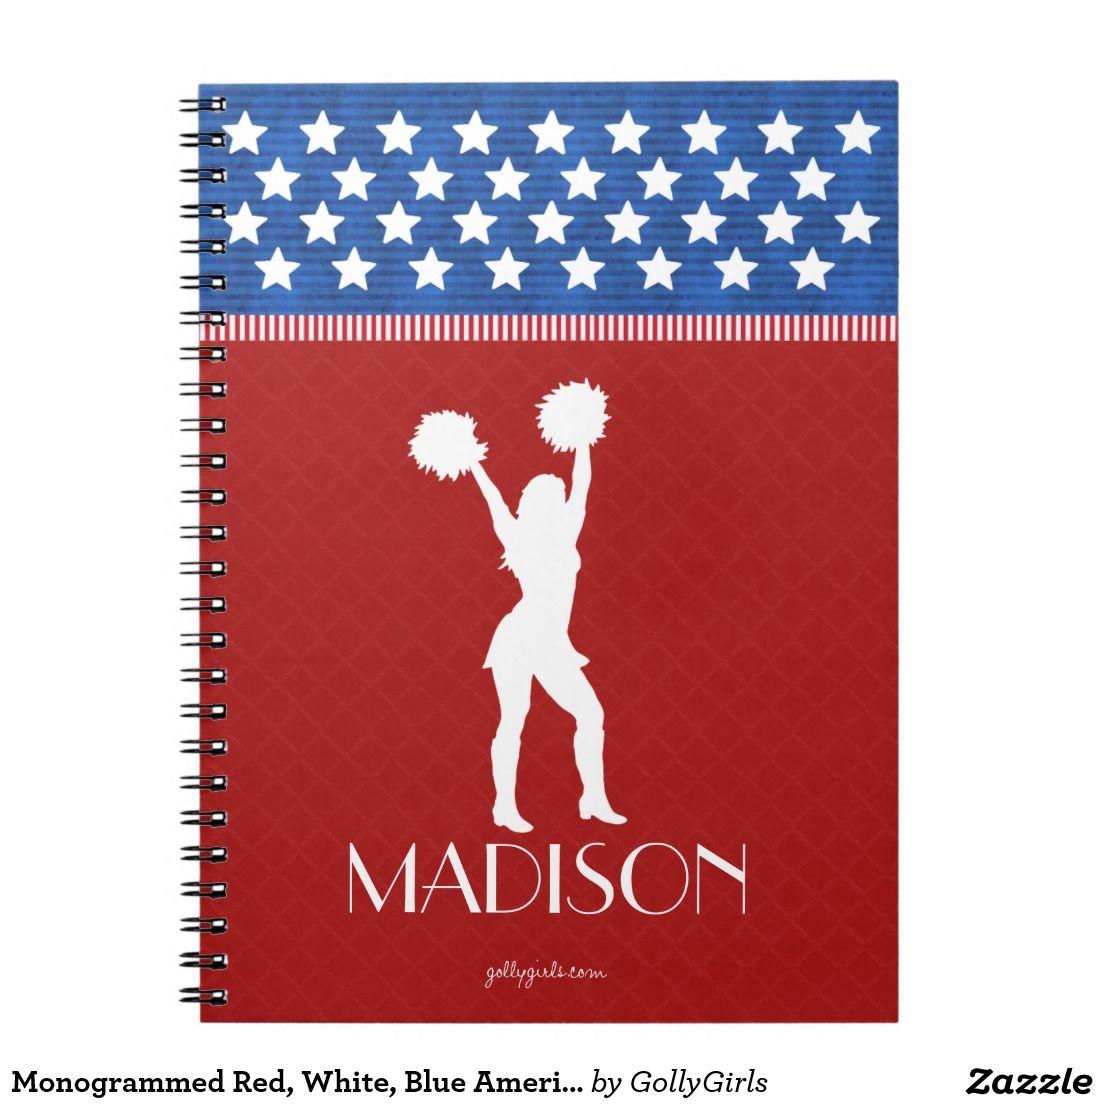 Monogrammed Red, White, Blue American Cheerleader Spiral